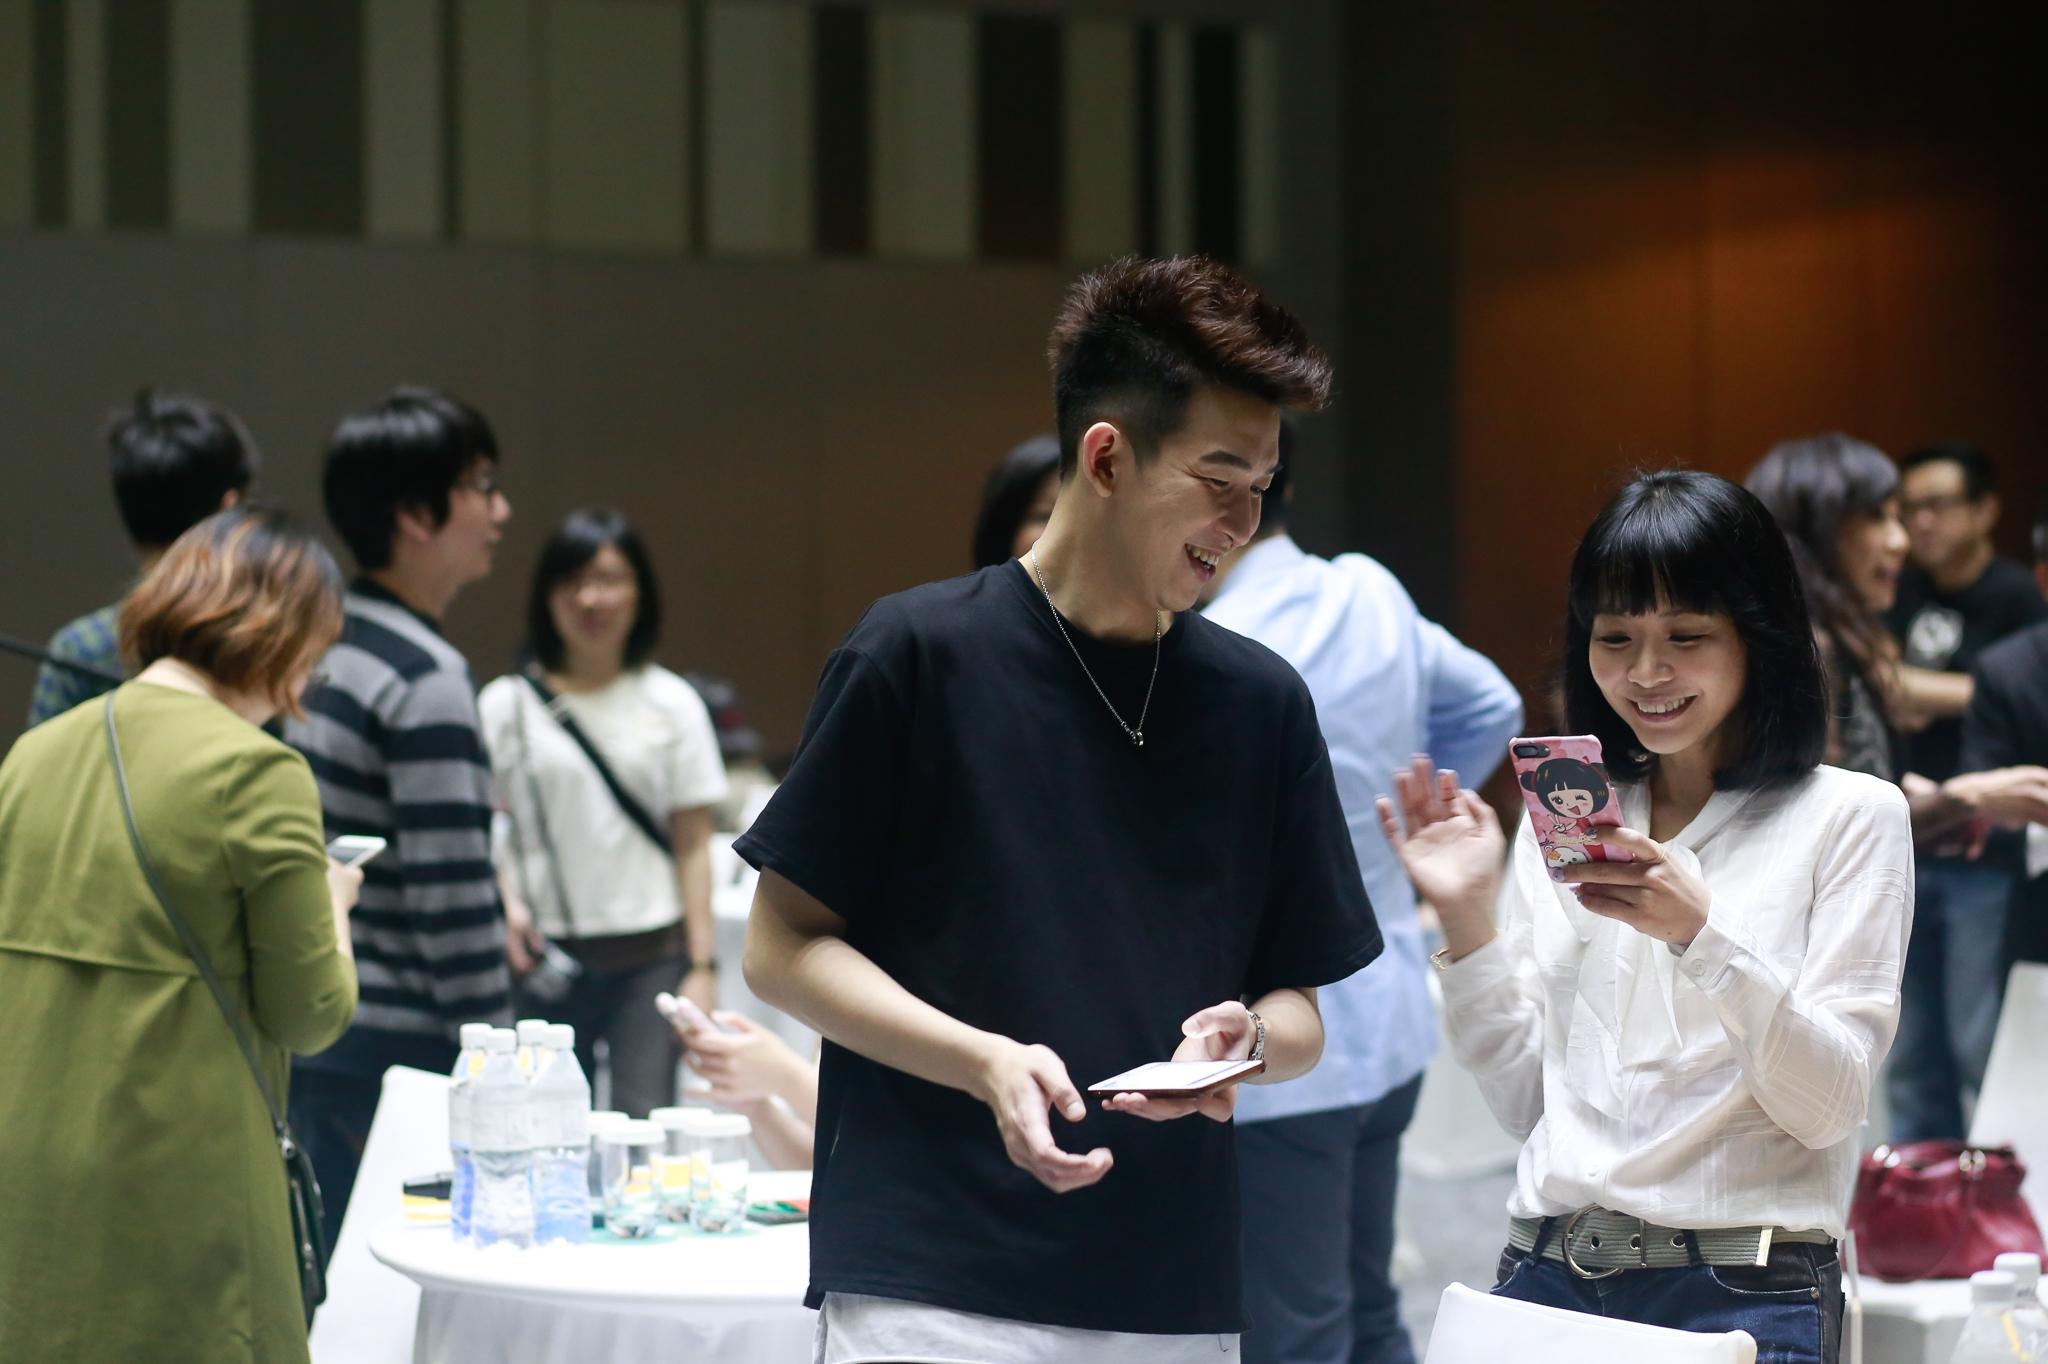 五四青年運動-event-記者會-寒舍艾美酒店-lemeridien-taipei-15.jpg